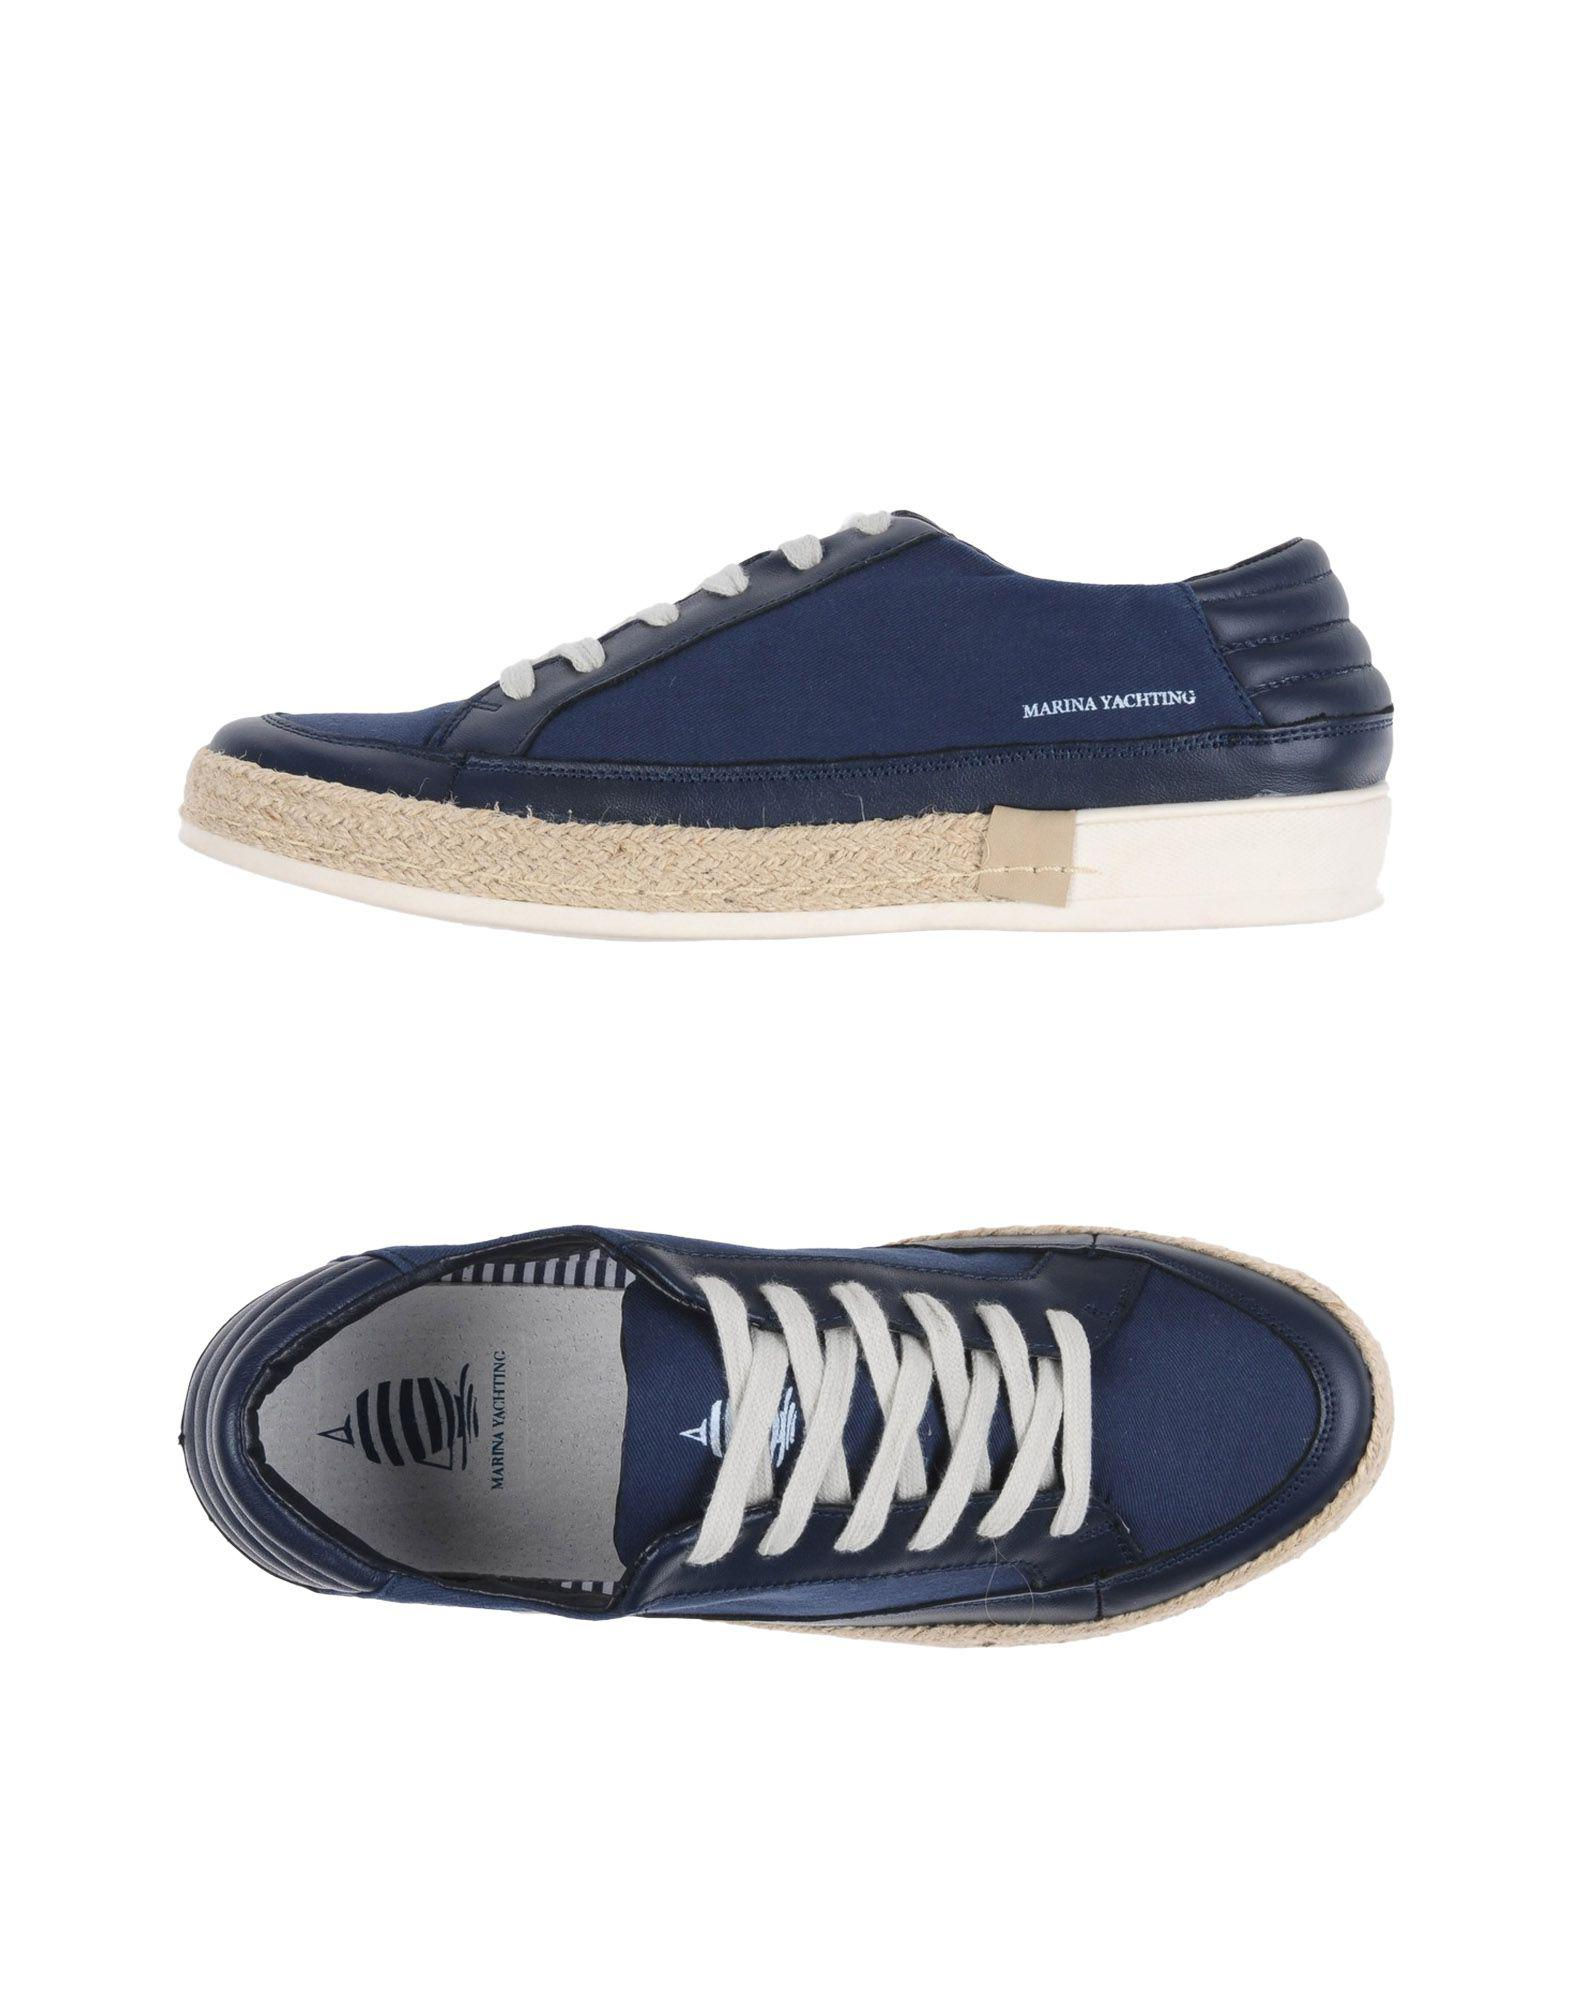 Chaussures - Mocassins De Plaisance De La Marina tm47i8nUL